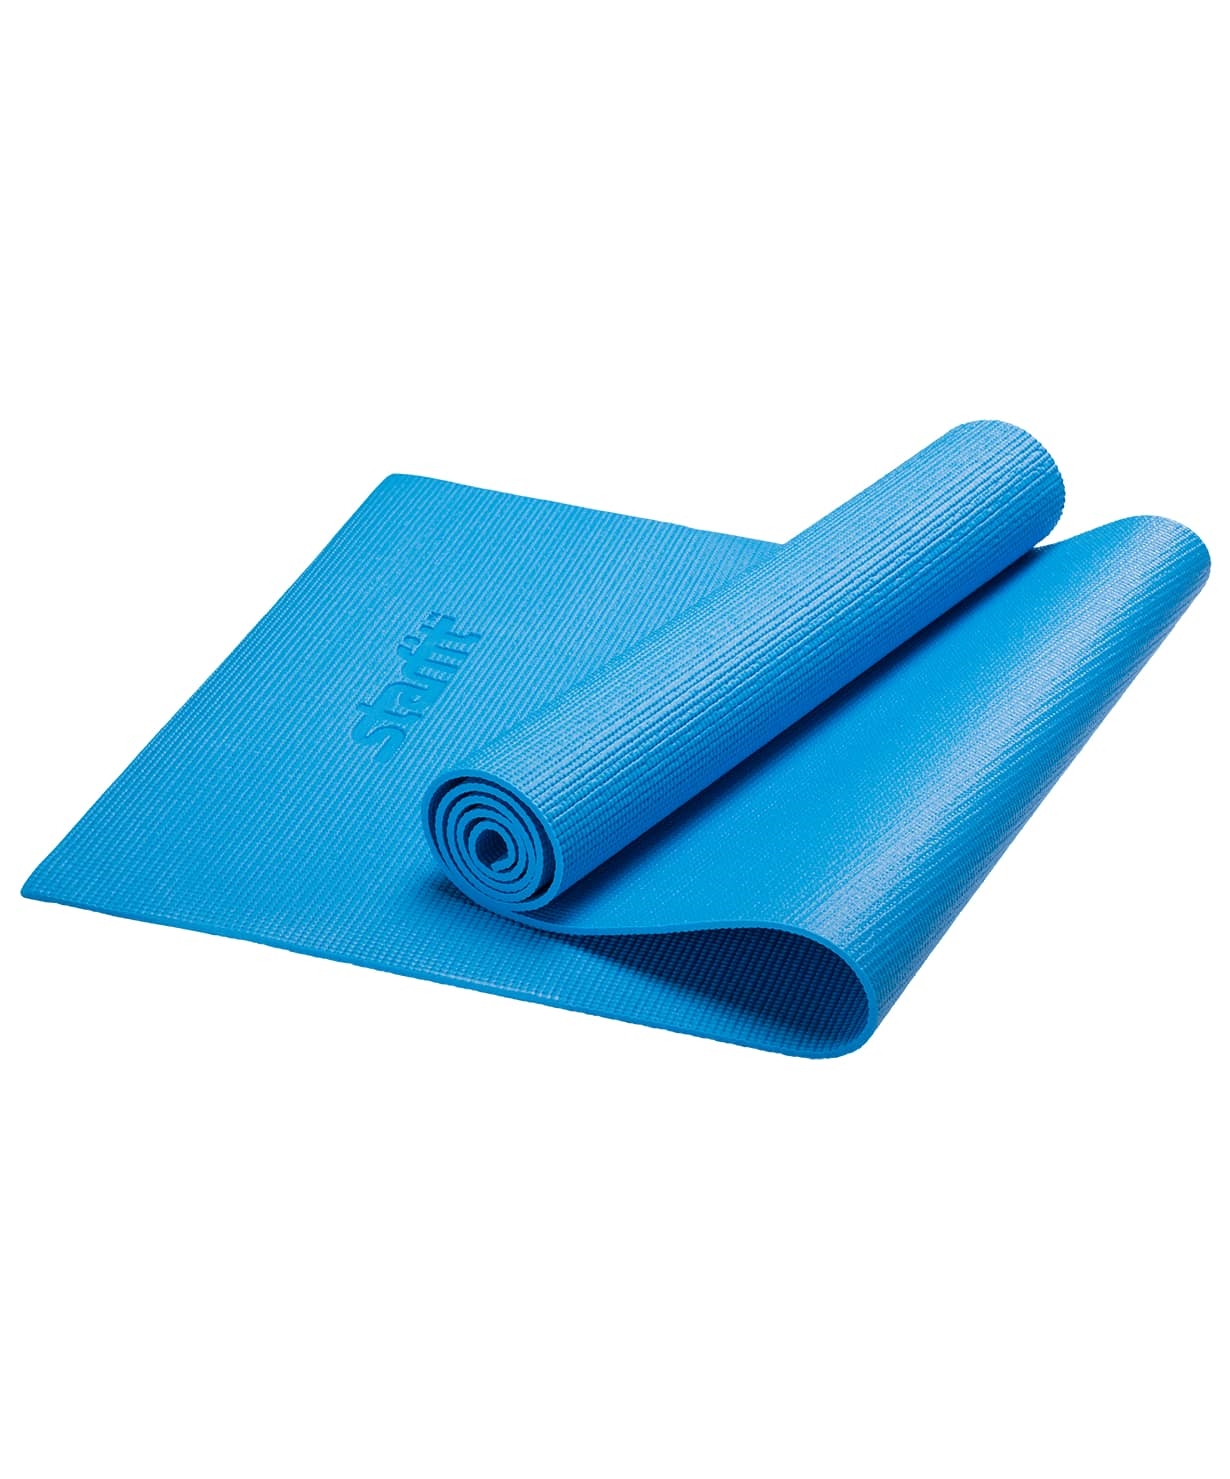 Коврик для йоги FM-101, PVC, 173x61x0,6 см, синий